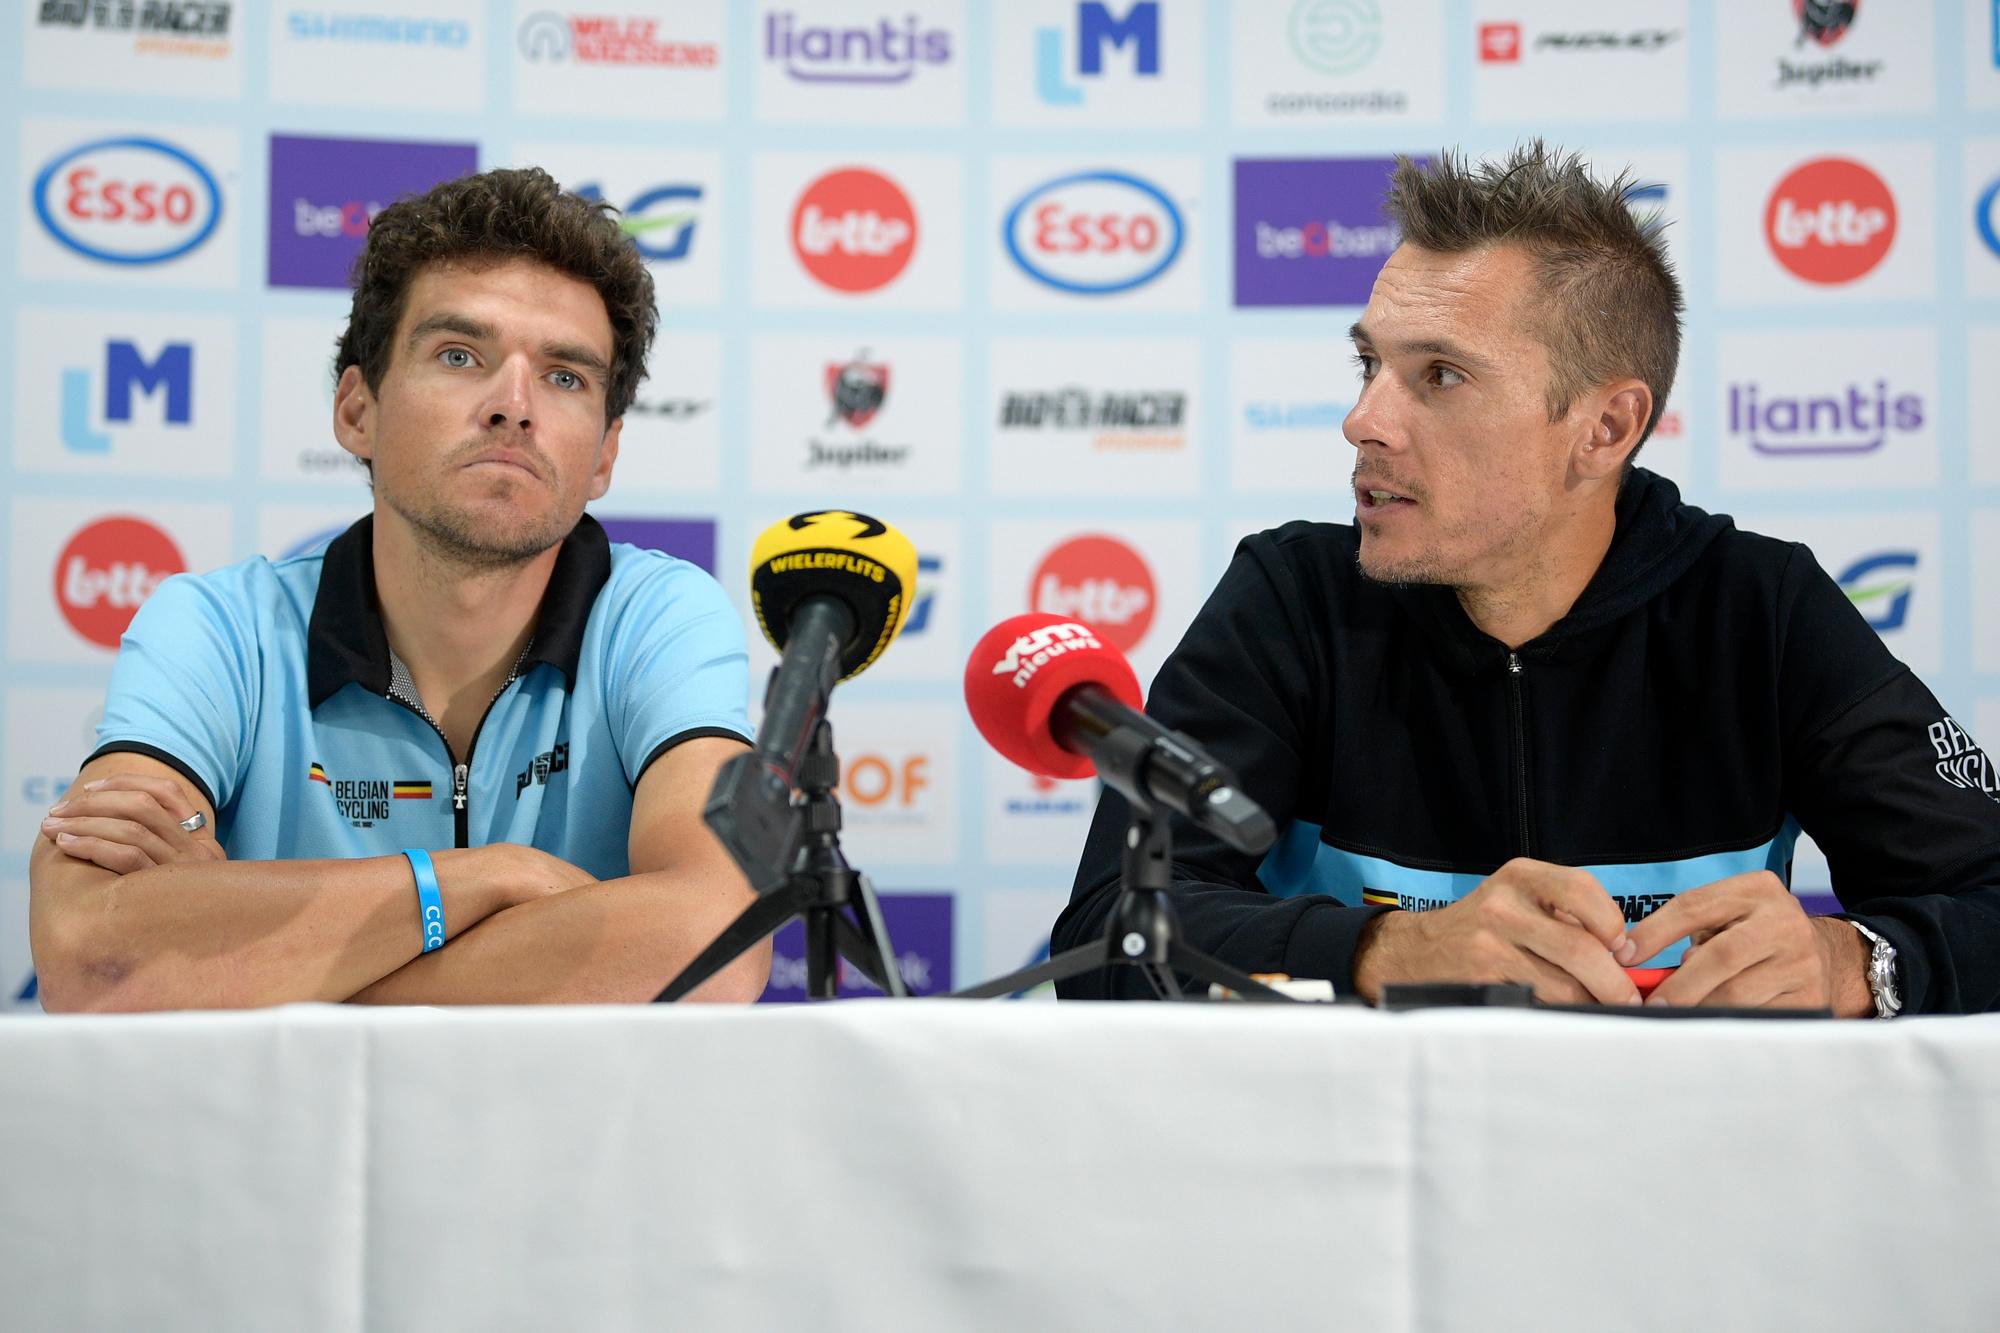 Habituels leaders de l'équipe belge lors des sélections des 10 dernières années, Greg Van Avermaet et Philippe Gilbert regarderont les Mondiaux depuis leur canapé., belga